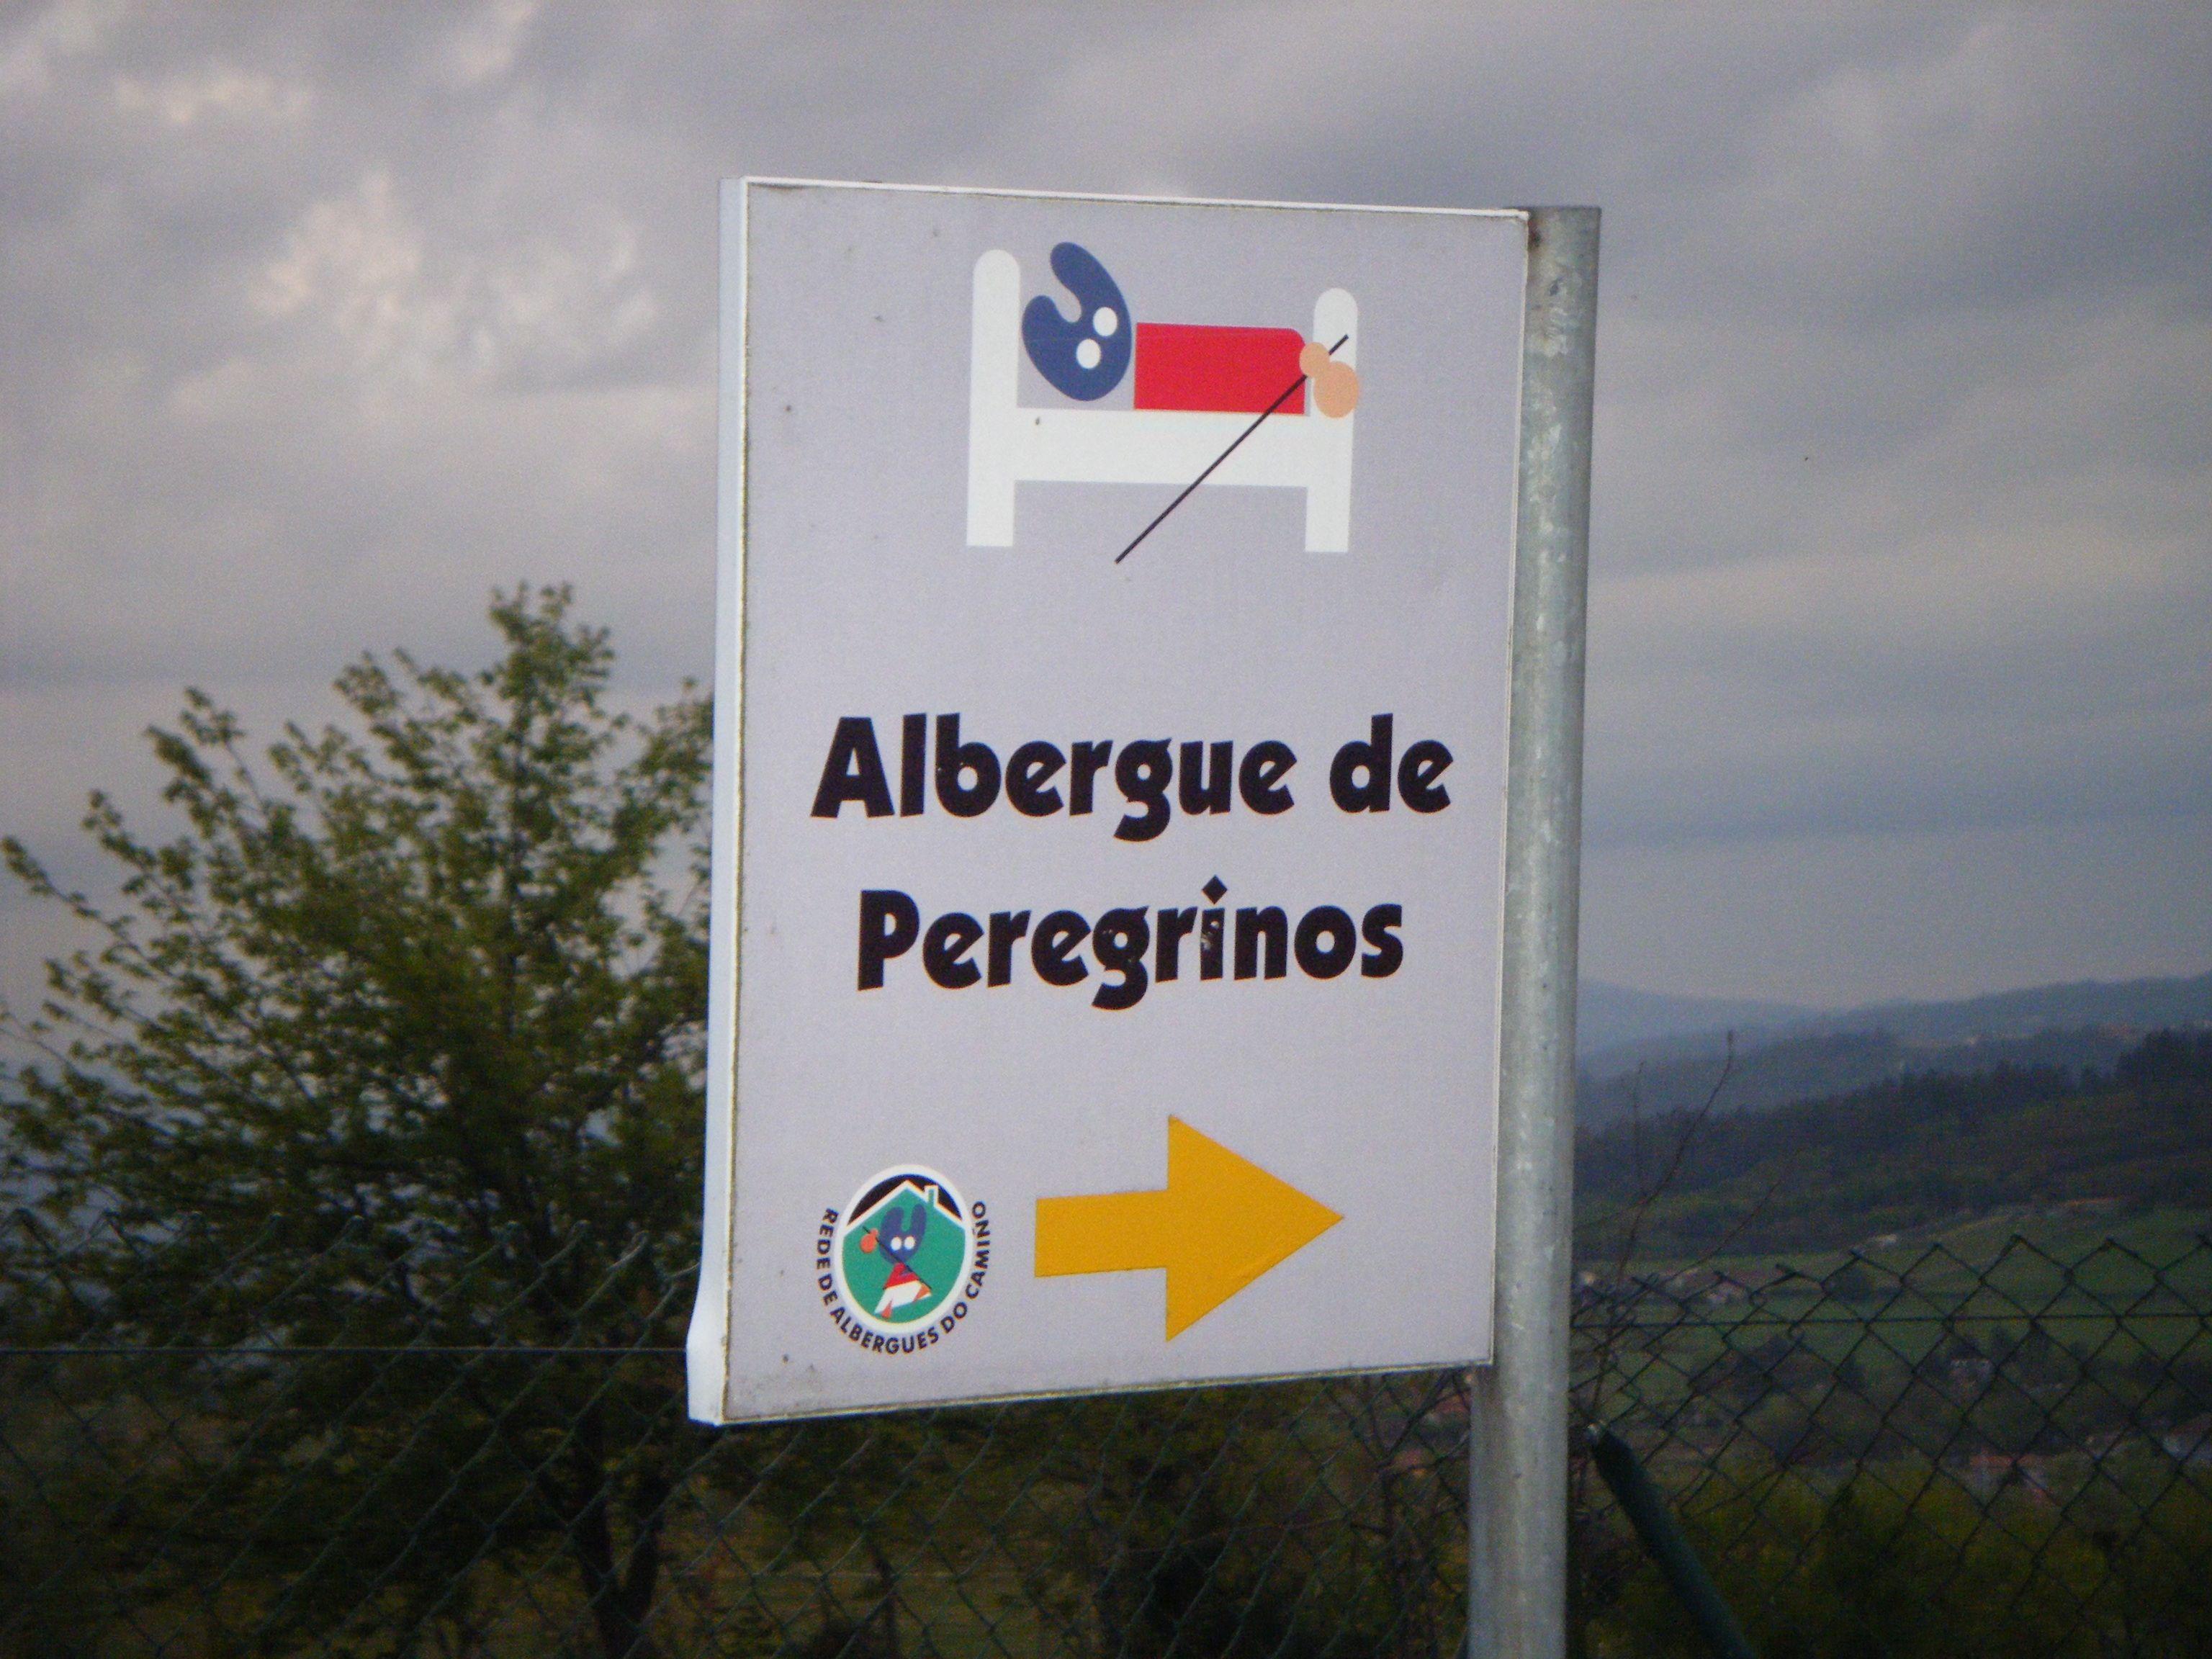 Camino De Santiago Señaletica Highway Signs Book Cover Symbols